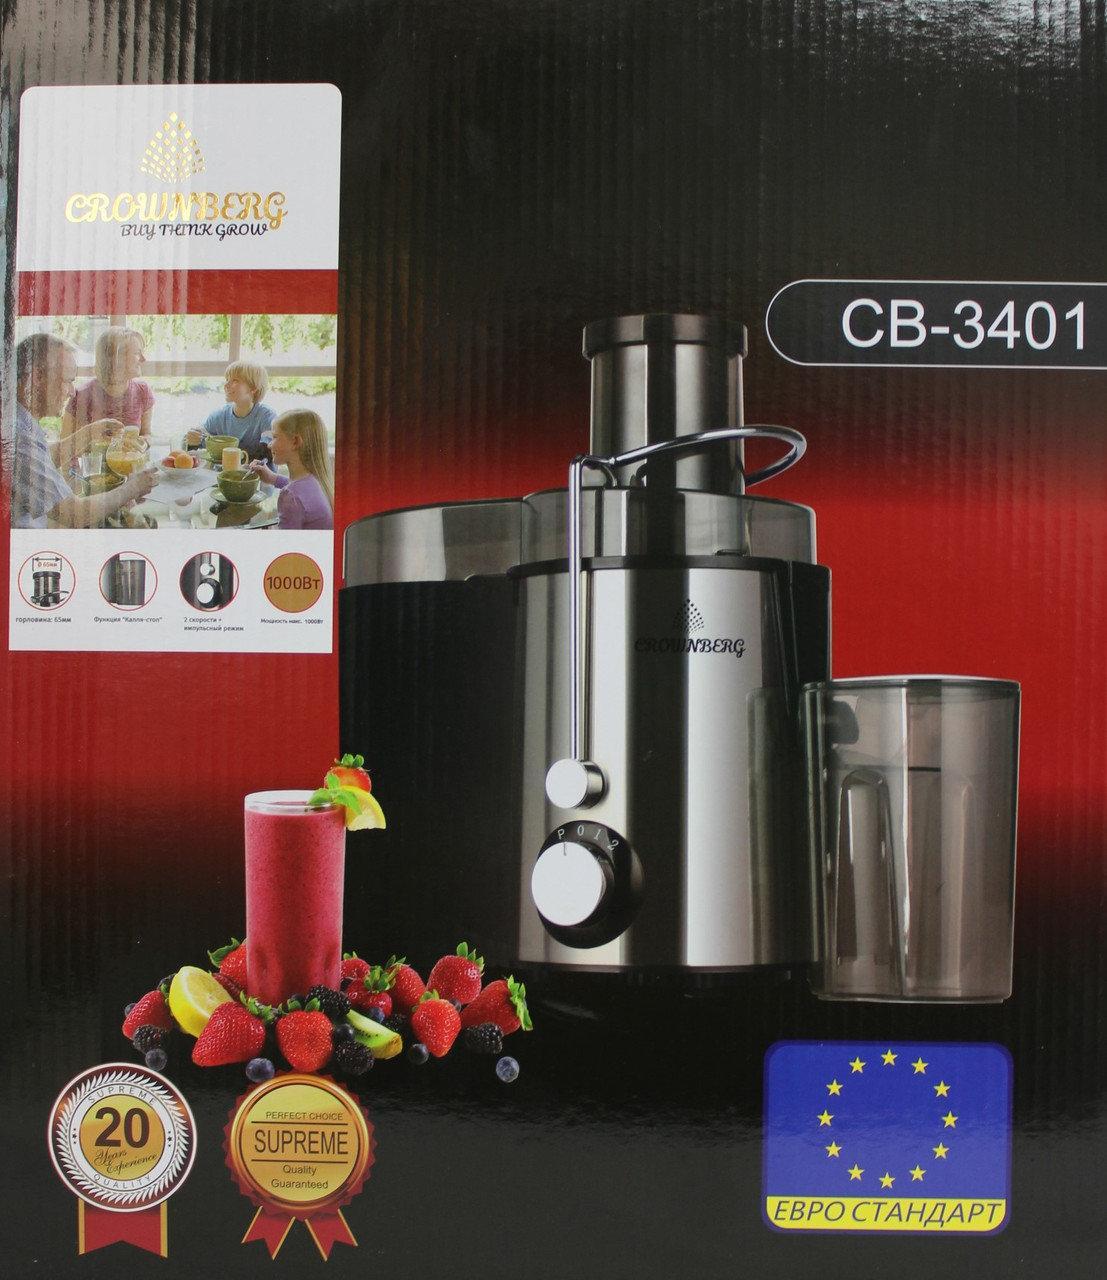 🔥 Электрическая соковыжималка Juicer CB 3401, Crownberg. Соковыжималка из нержавеющей стали Juicer CB 3401.